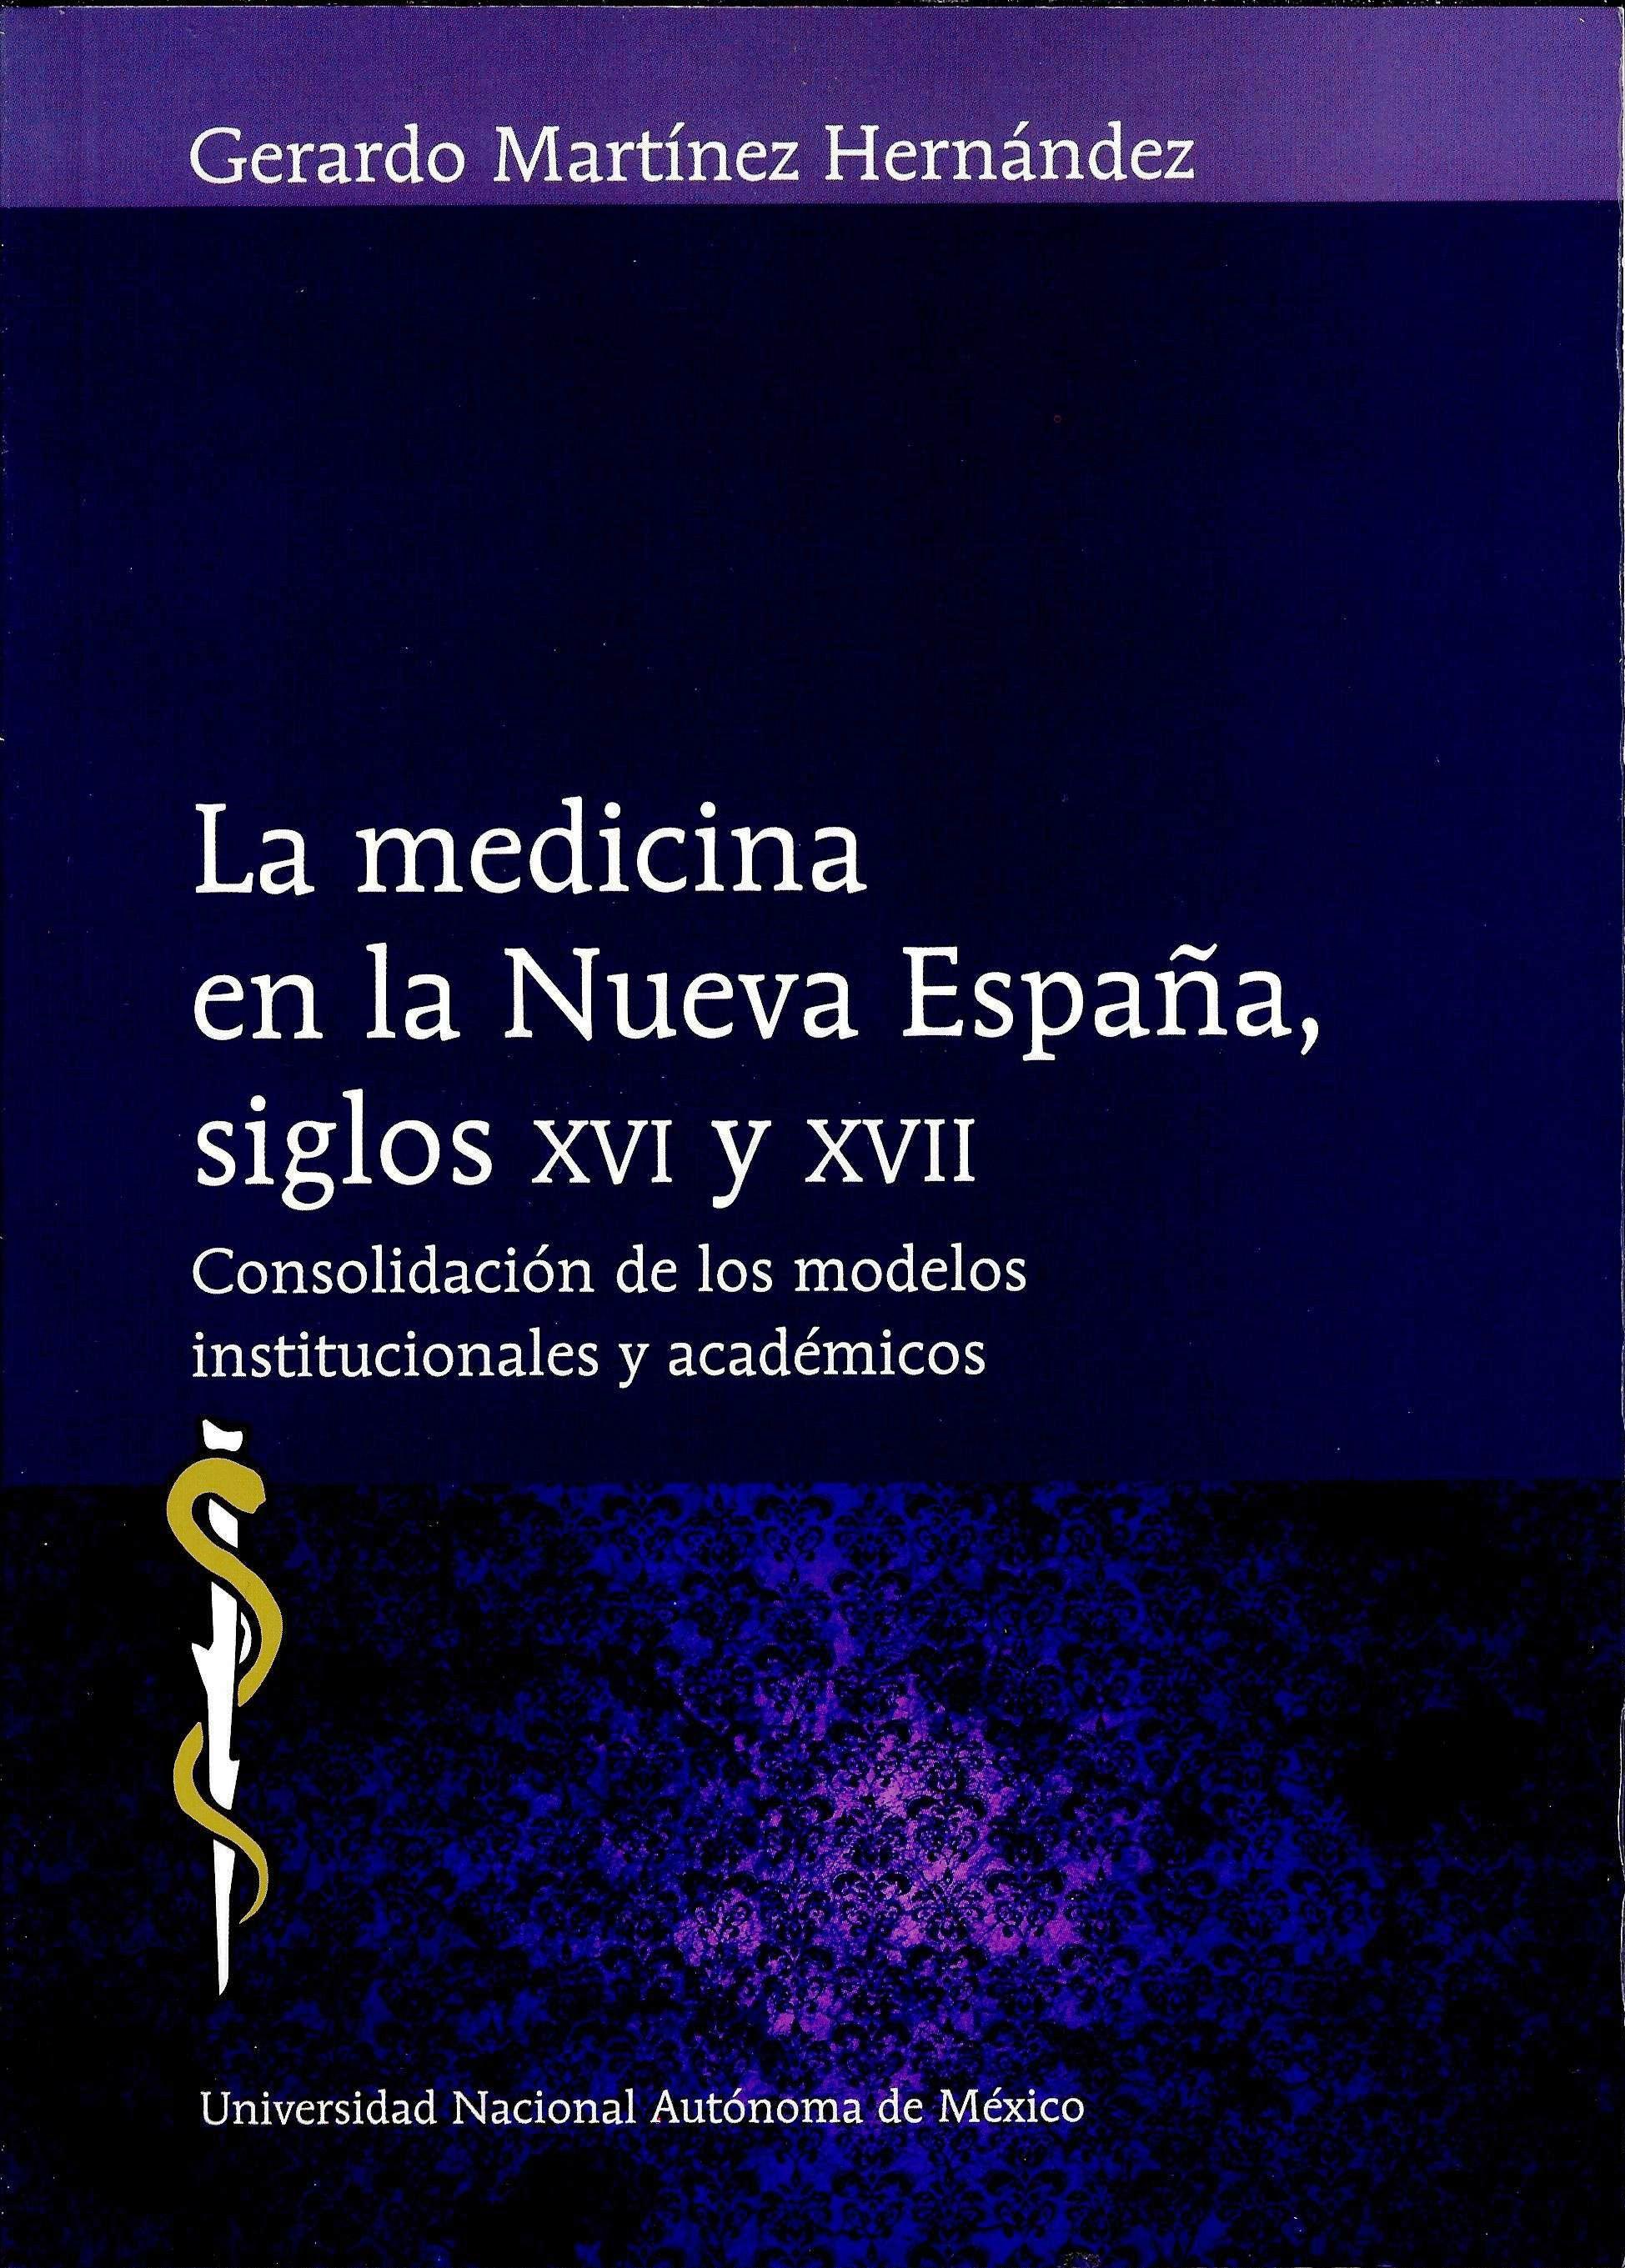 La medicina en la Nueva España siglos XVI y XVII. Consolidación de los modelos institucionales